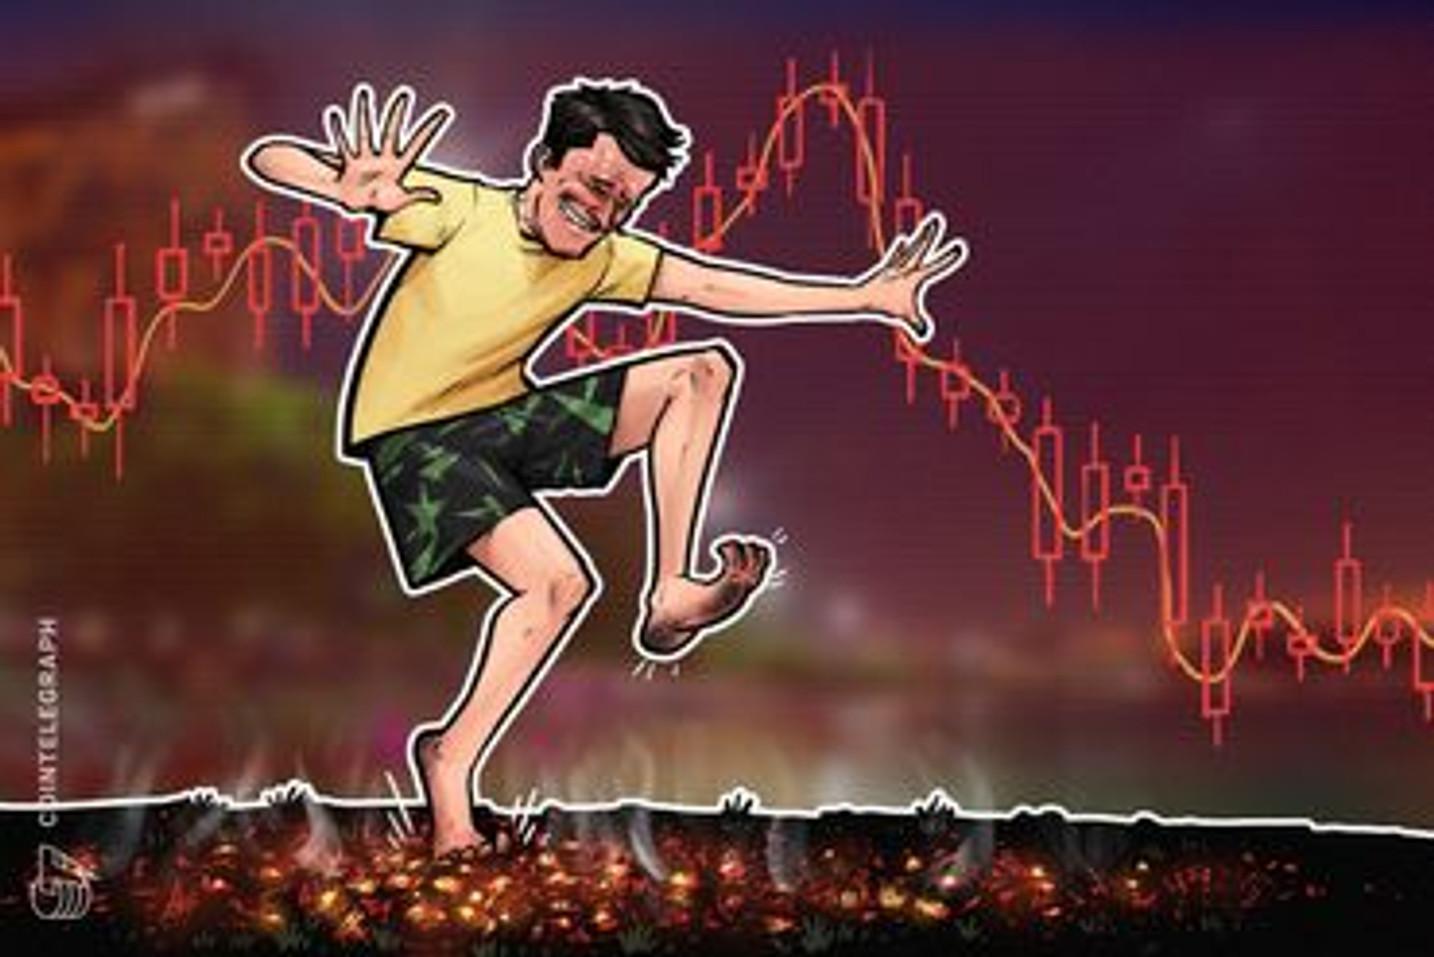 ビットコインはリスク資産?ダウ1000ドル超下落、金上昇で【仮想通貨相場】